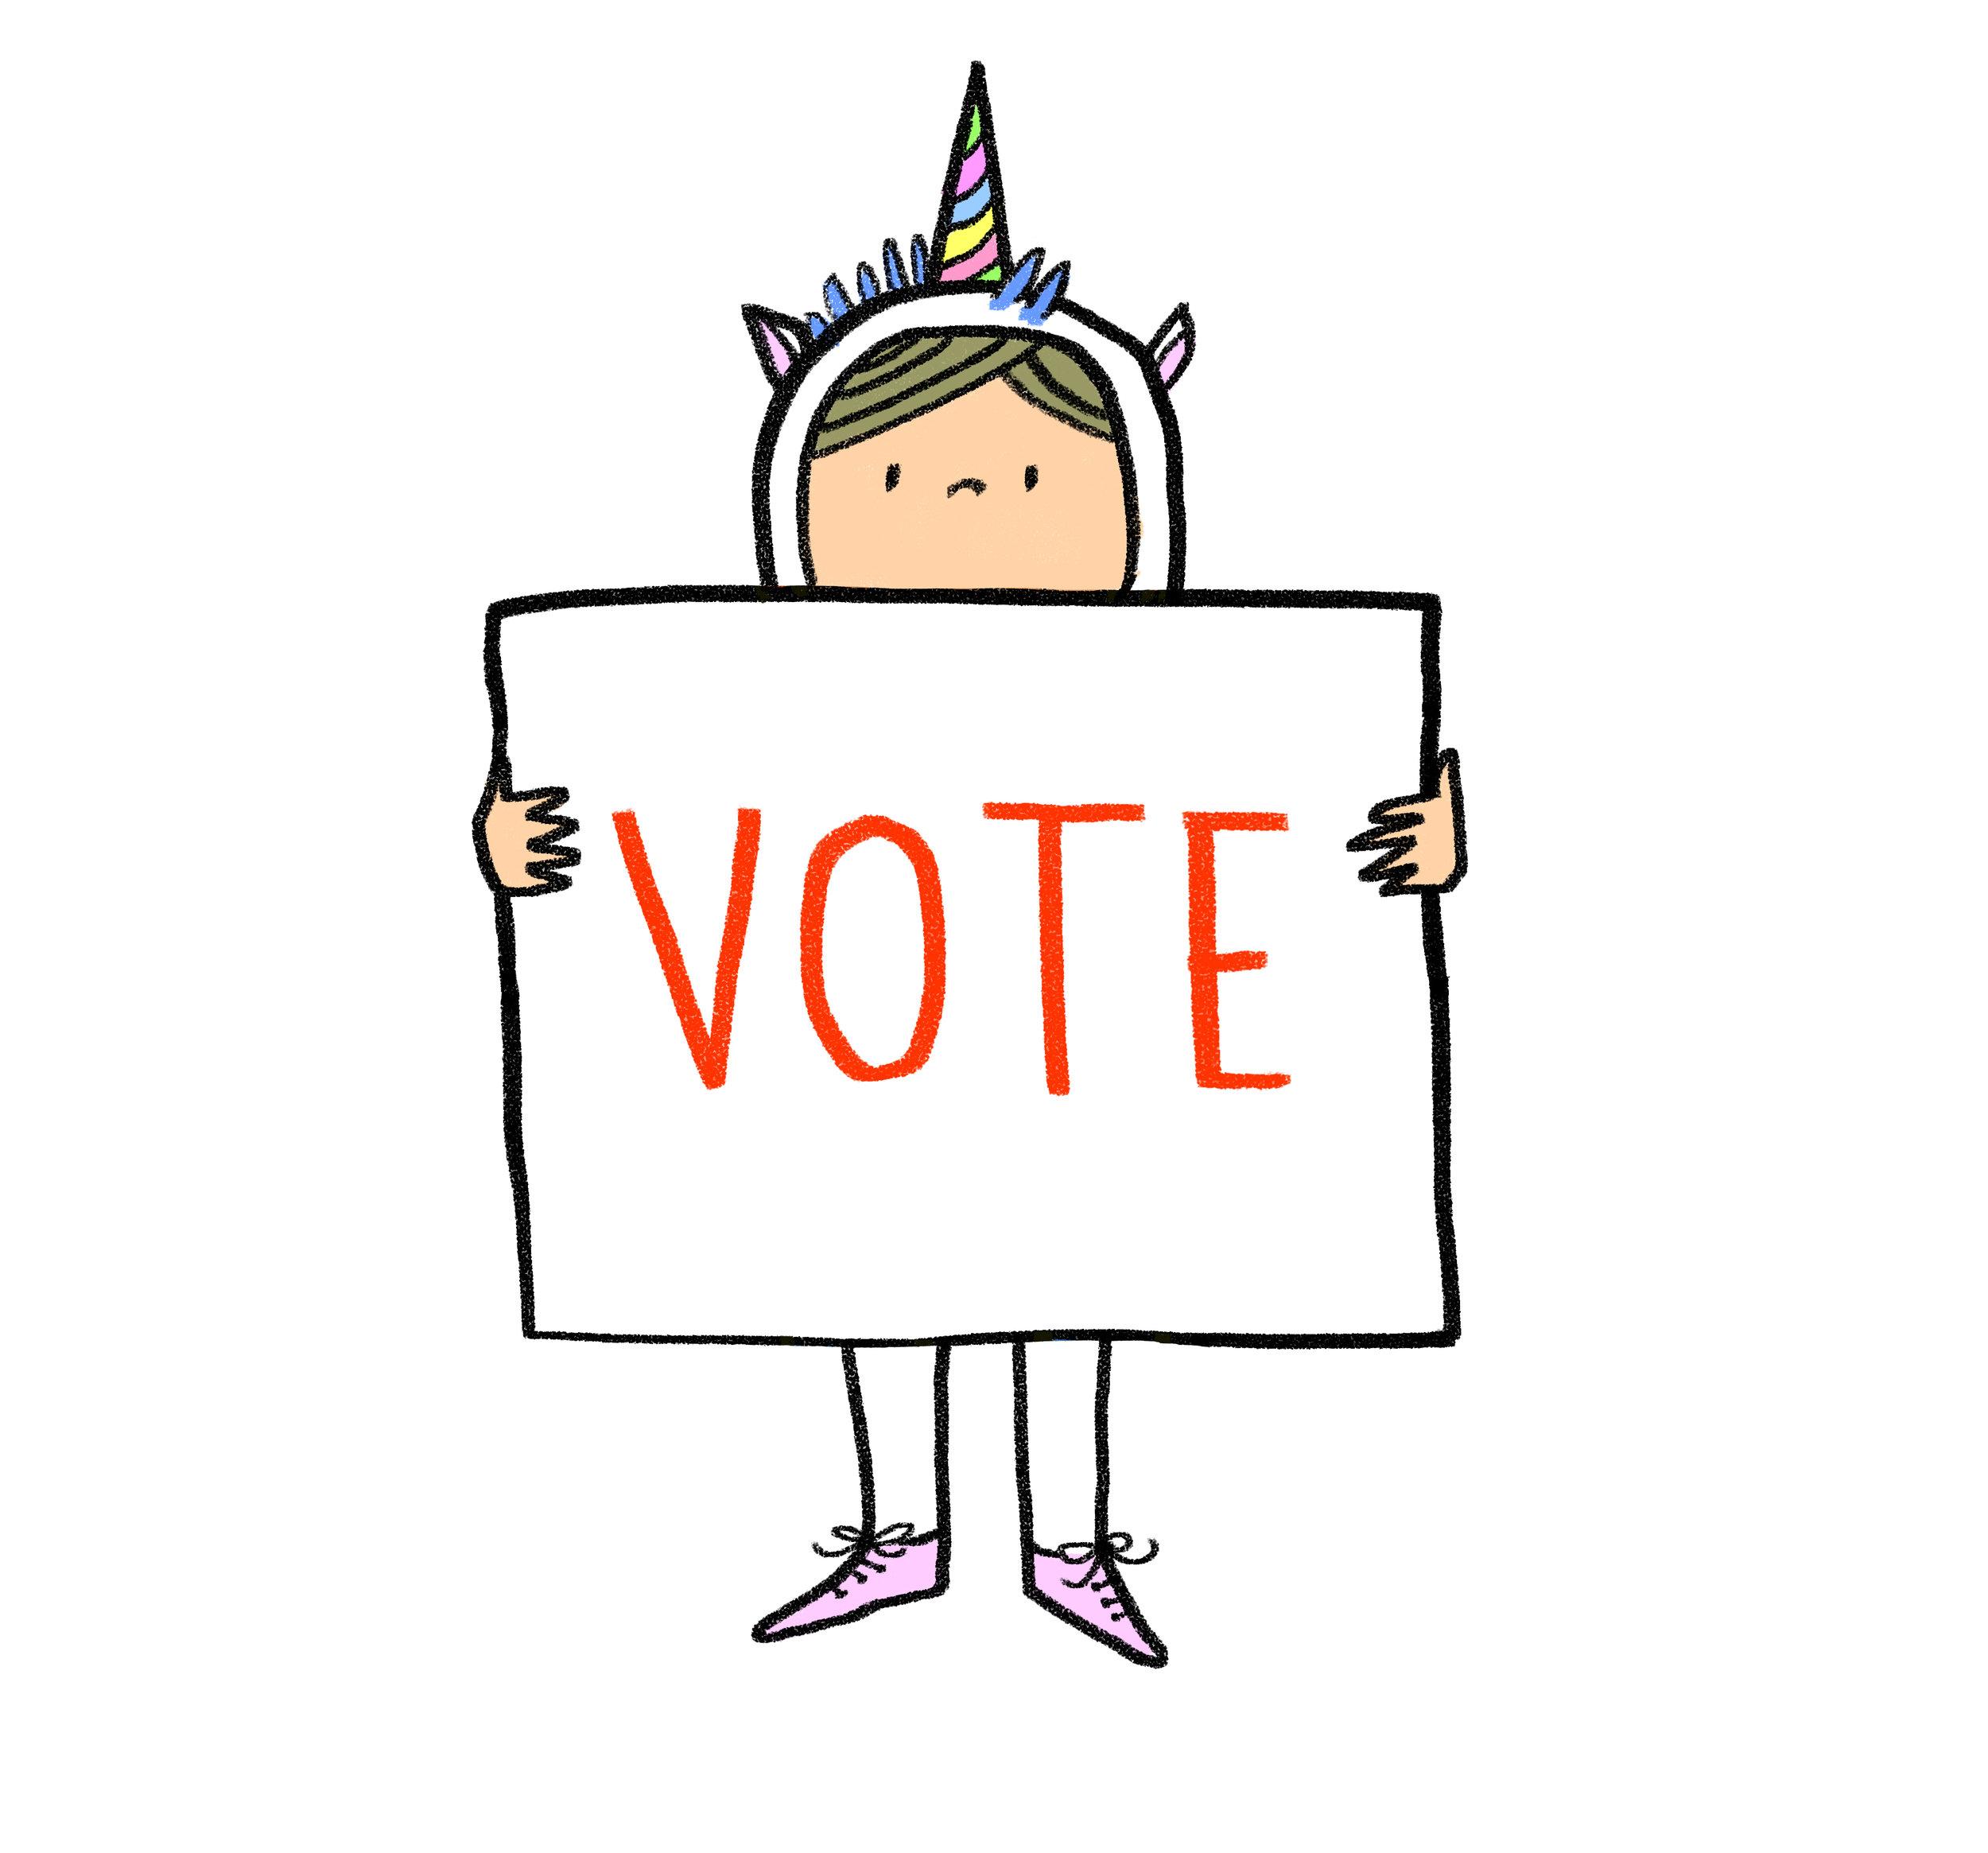 VOTE-14.jpg